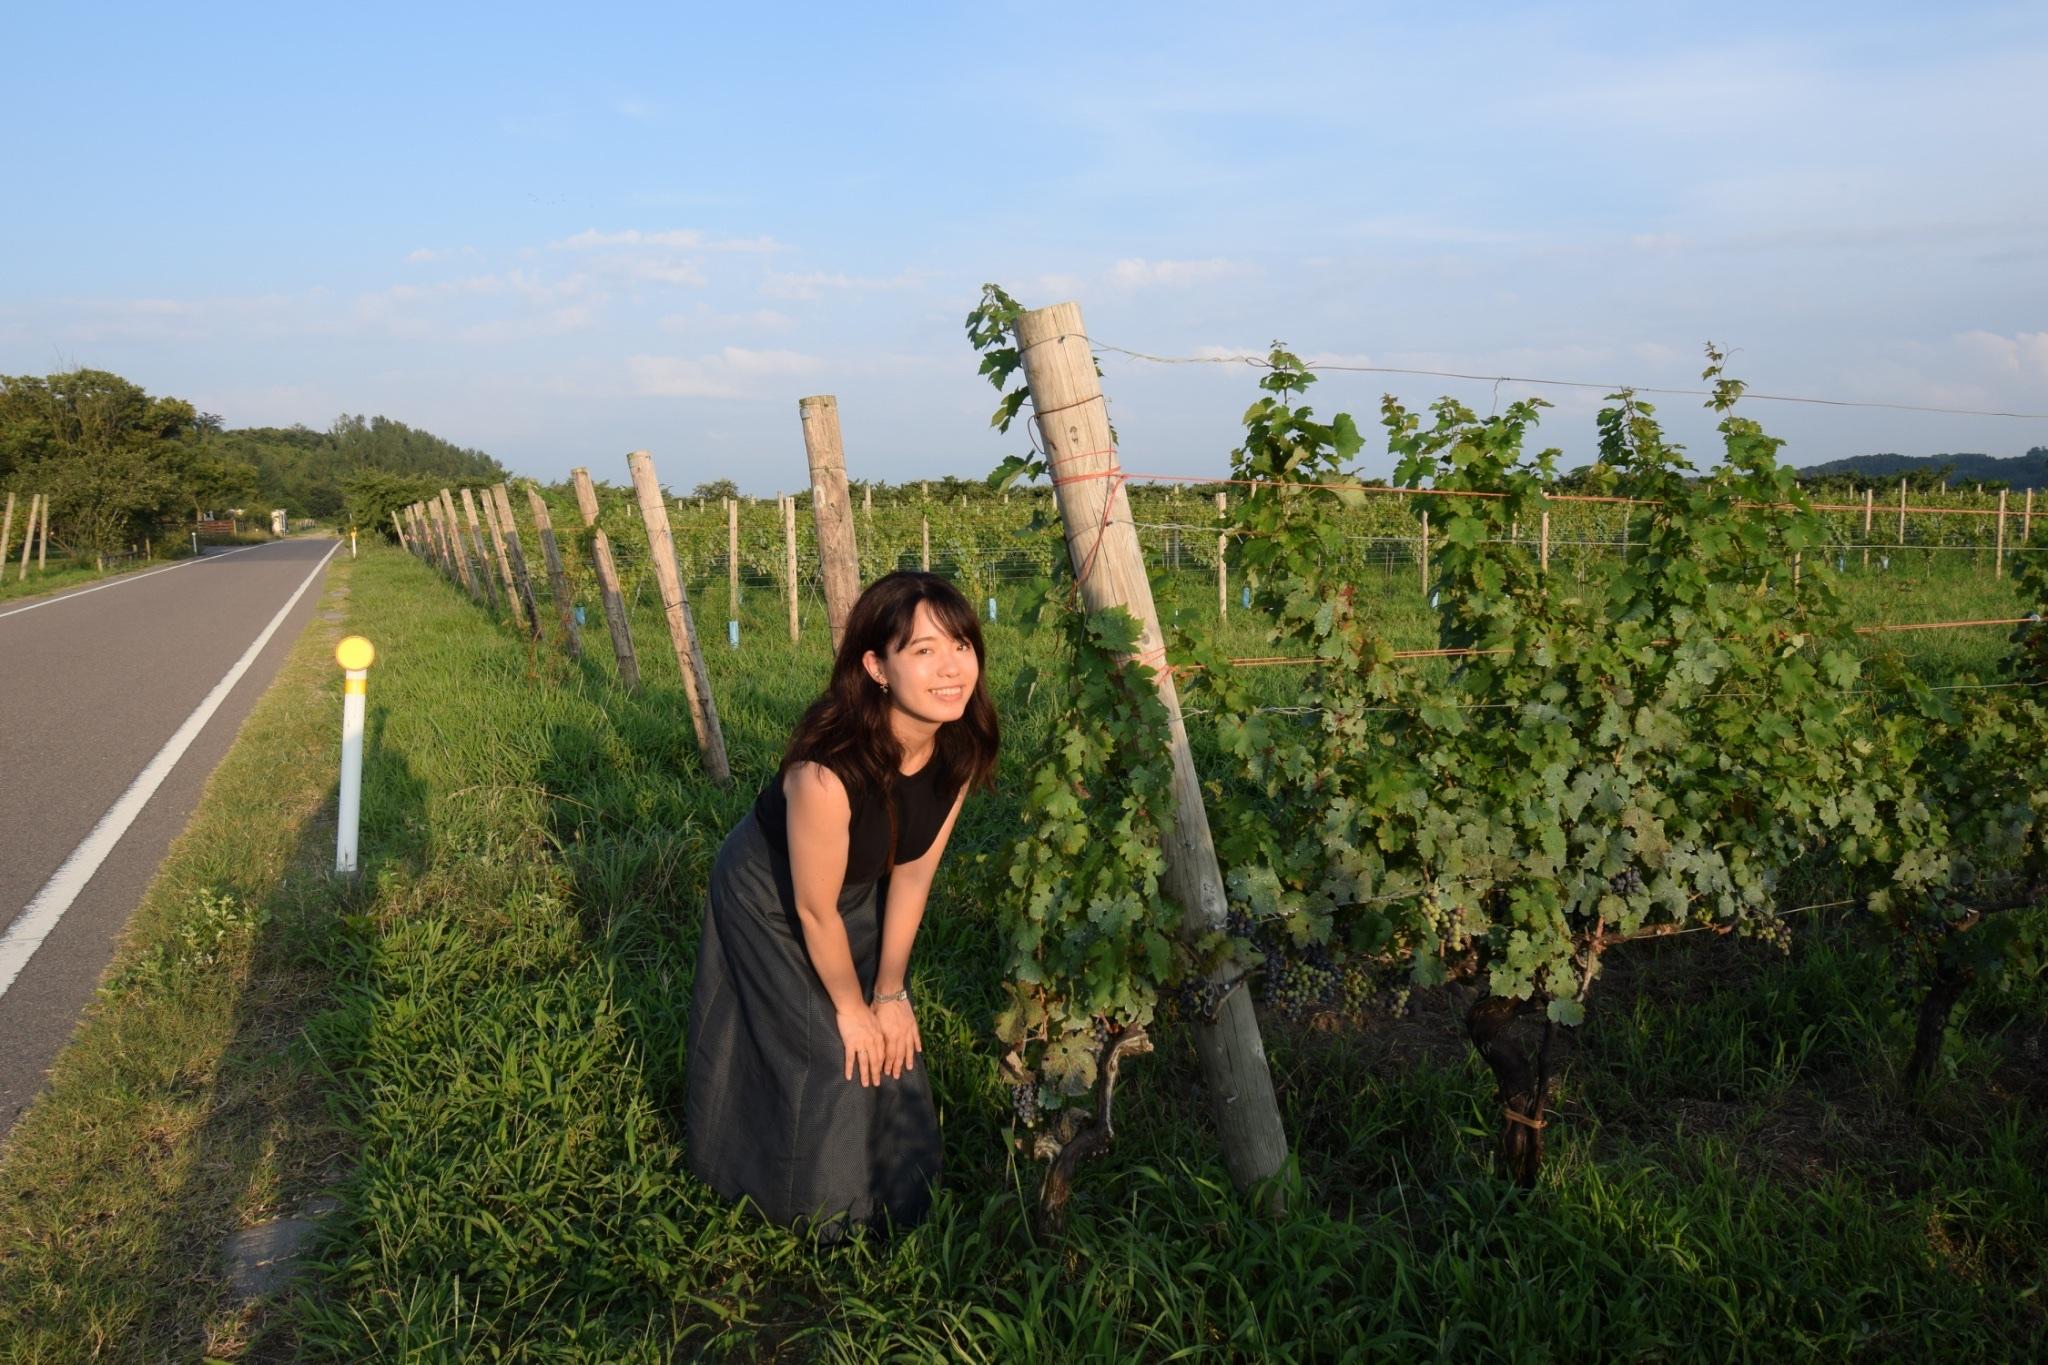 【女子旅におすすめ】ワイン好きさん必見♪葡萄畑を眺めながらゆったりワイナリーステイ♡_2